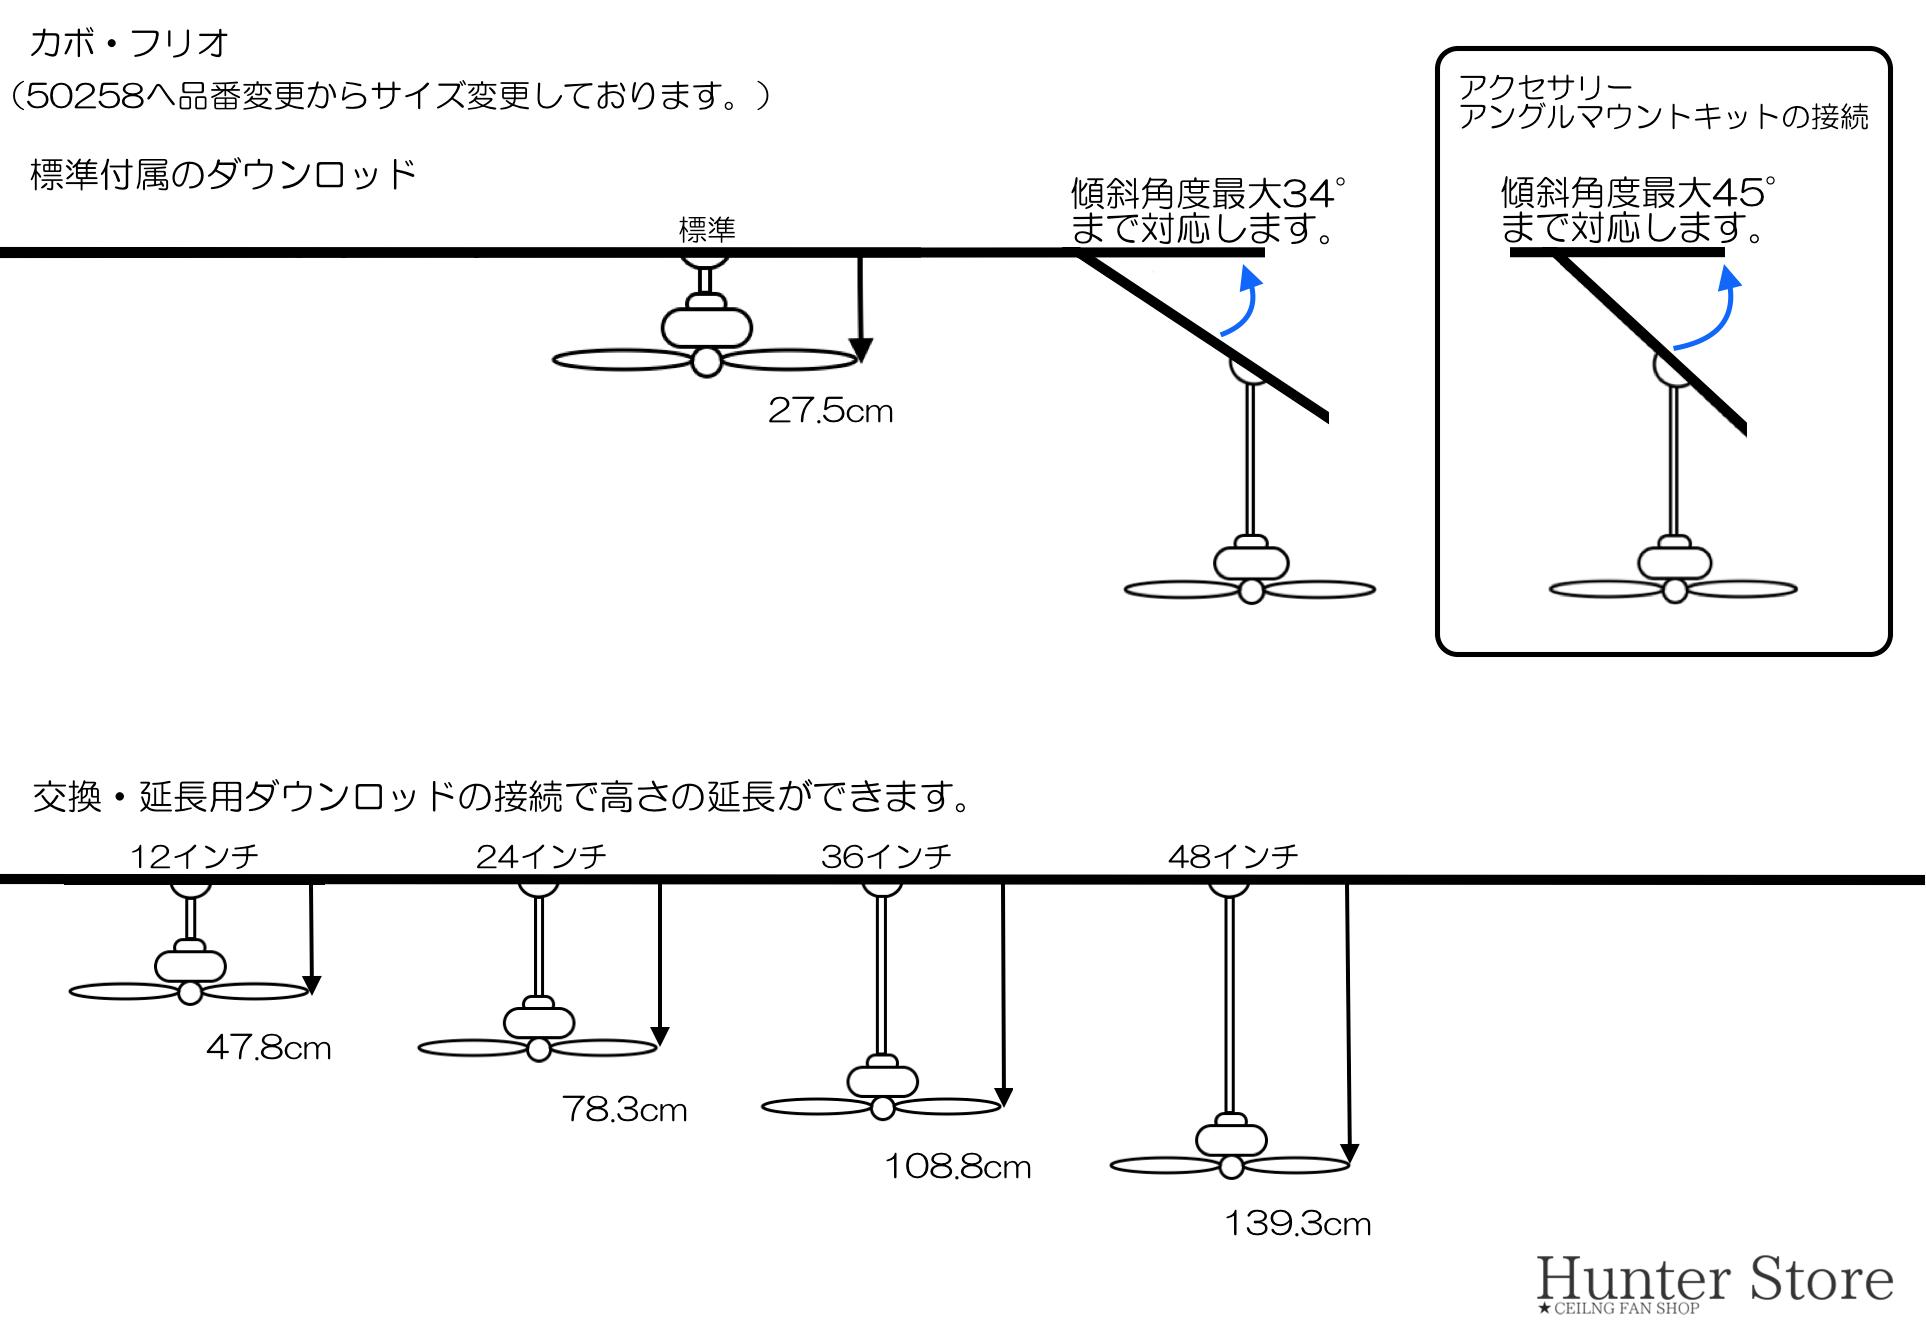 カボ・フリオ【壁コントローラ・48㌅122cmダウンロッド付】 - 画像4